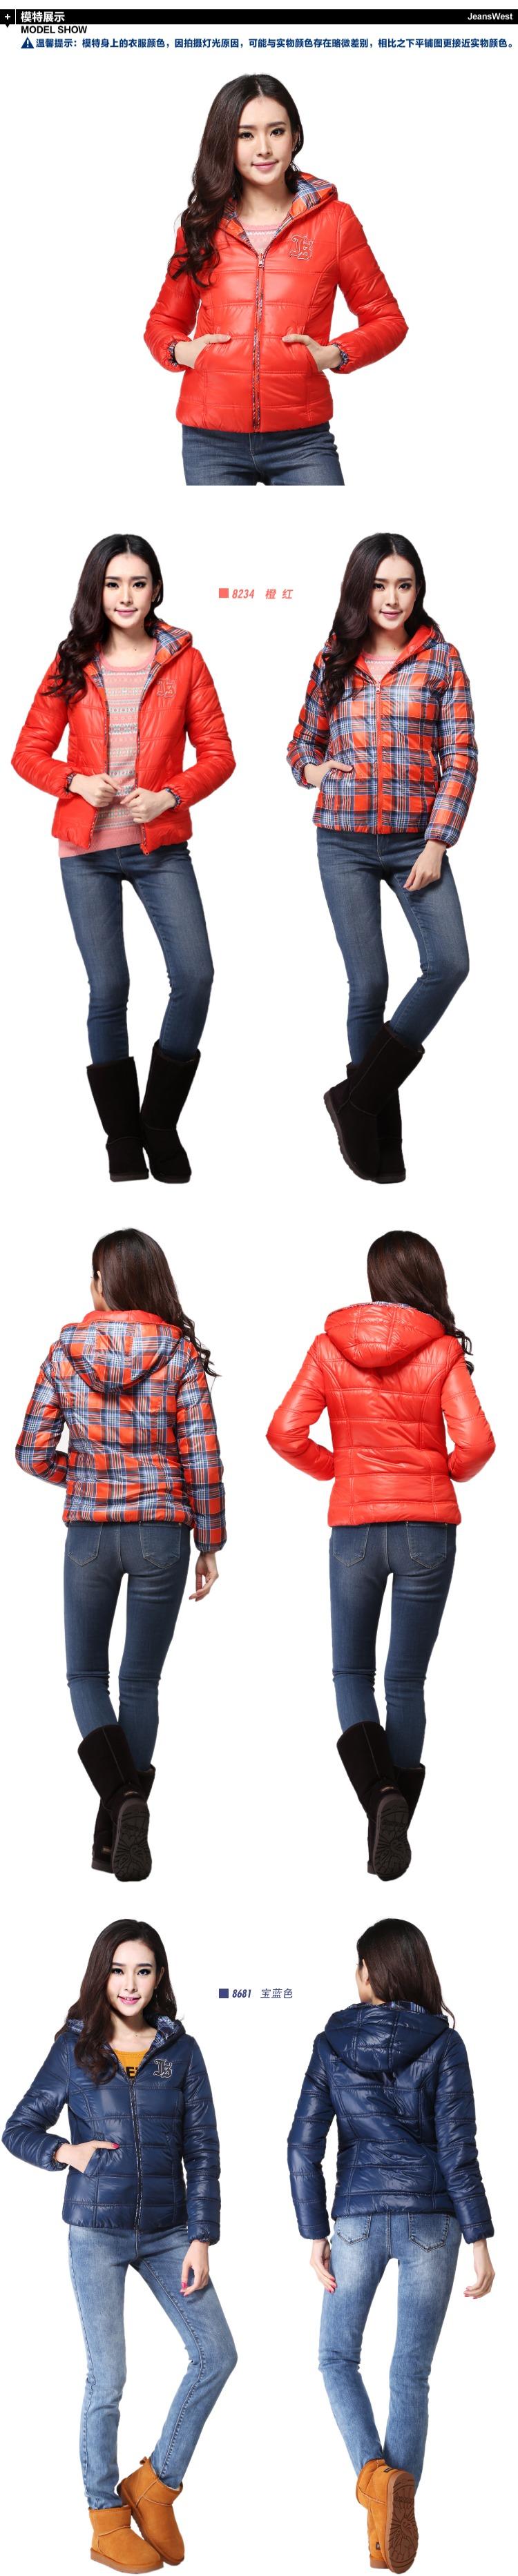 真维斯女装 2015春装新款 时尚净色与格子双面穿棉衣外套jw-46-222513图片